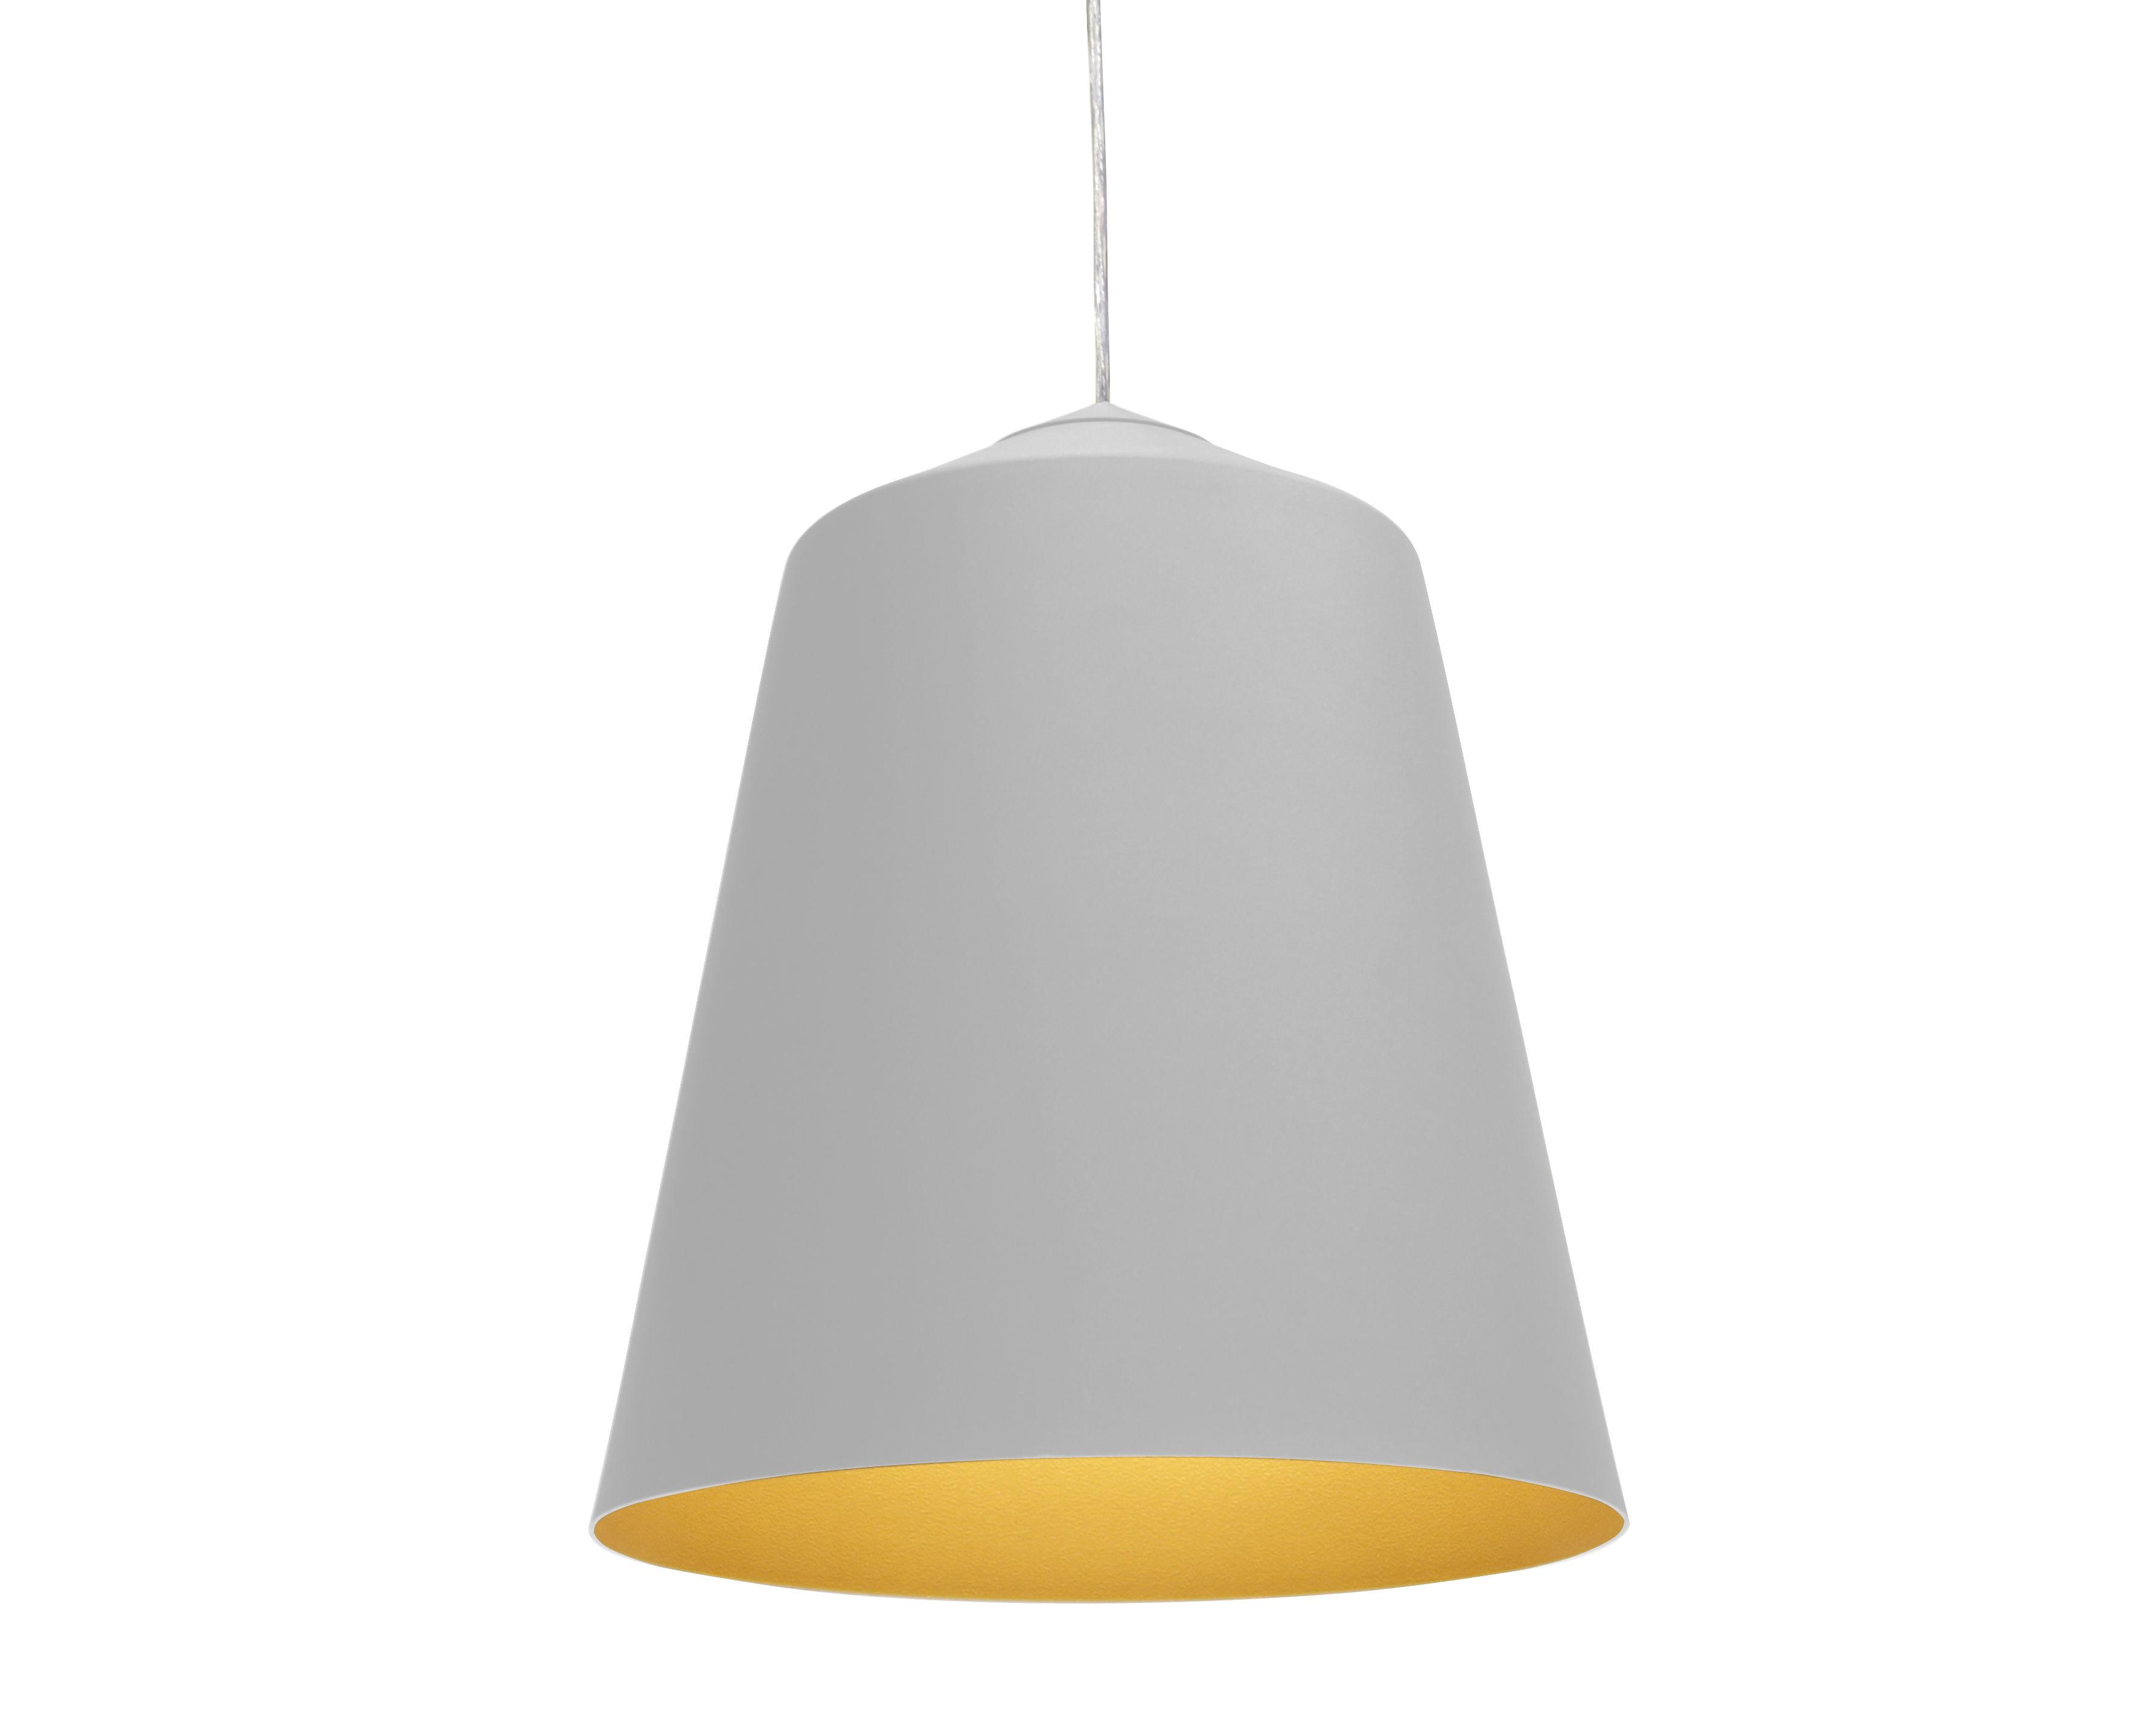 Leuchten - Pendelleuchten - Circus Medium Pendelleuchte Ø 56 x H 31 cm - Innermost - Weiß, matt / innen goldfarben - Aluminium